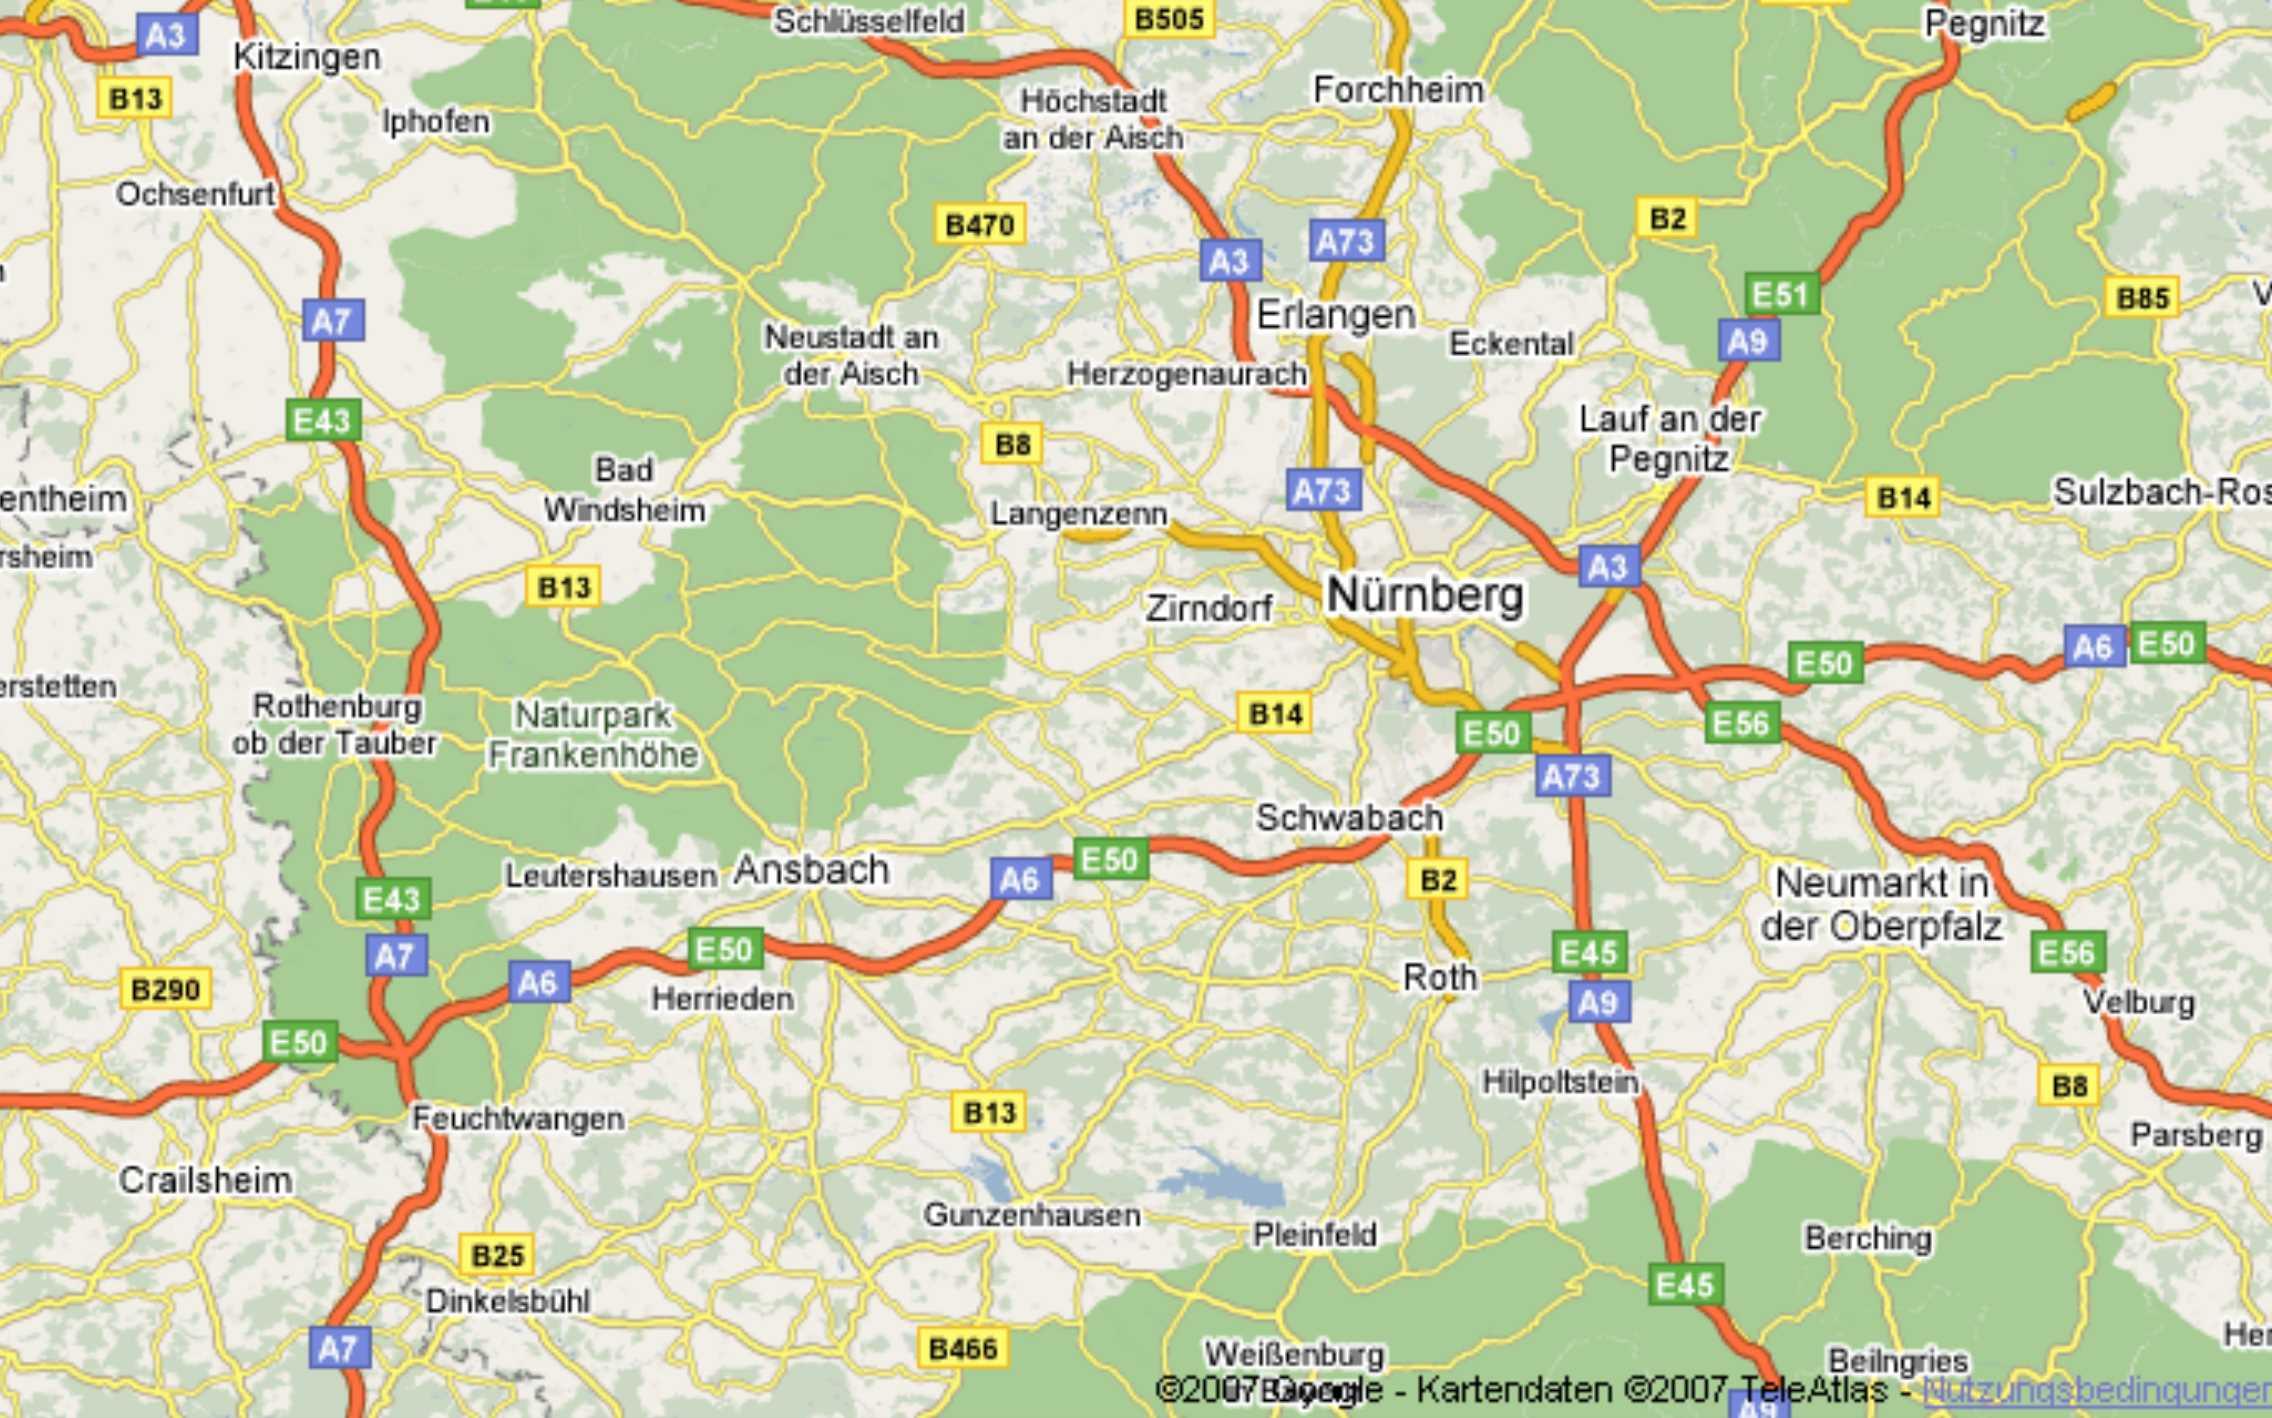 Mittelfranken Karte.Zuruck Zur Mittelfrankenkarte